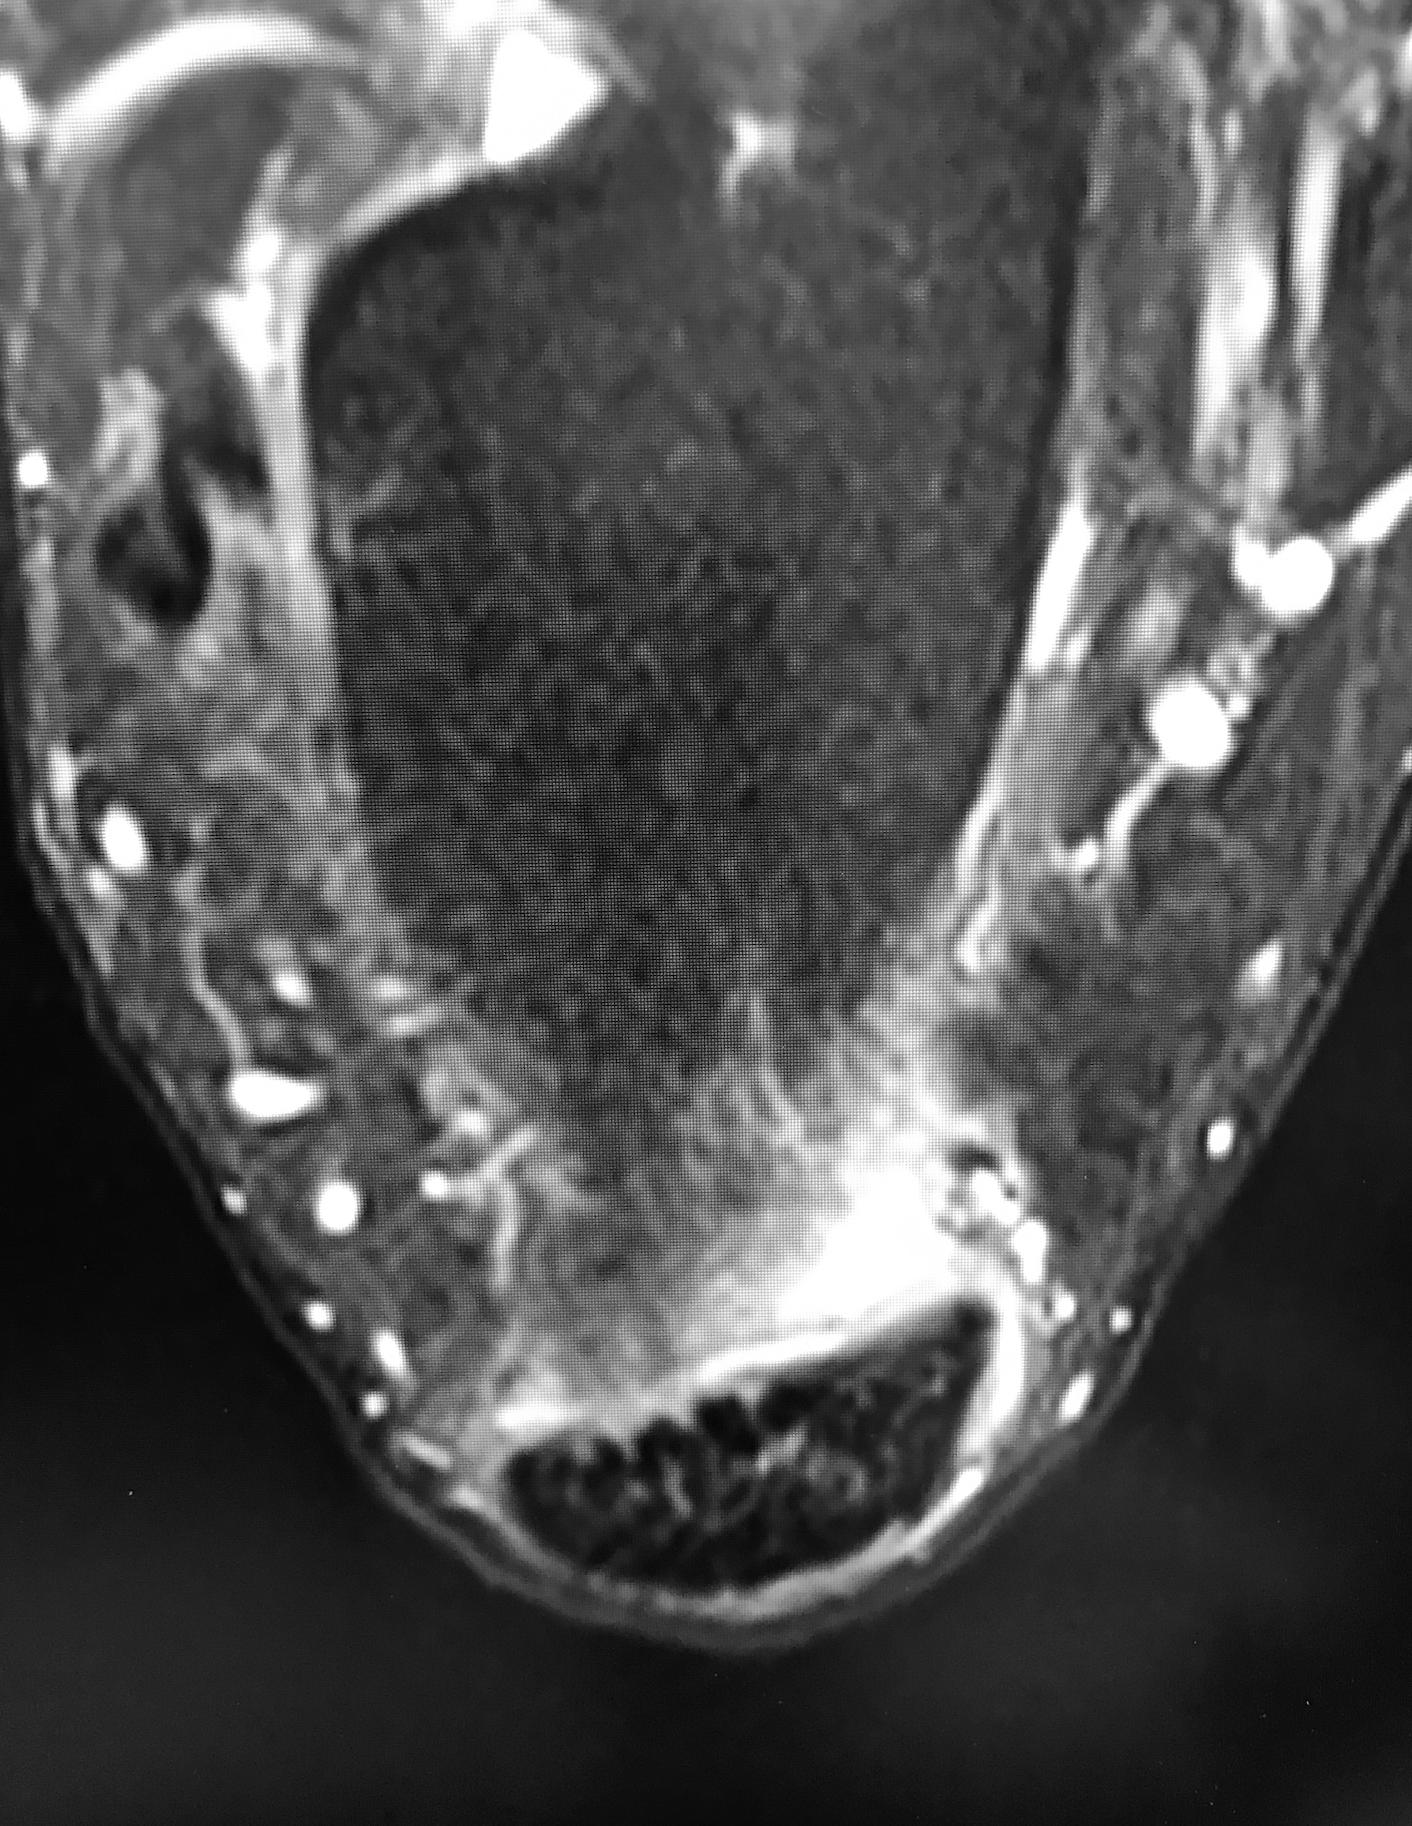 Copy of Axial MRI